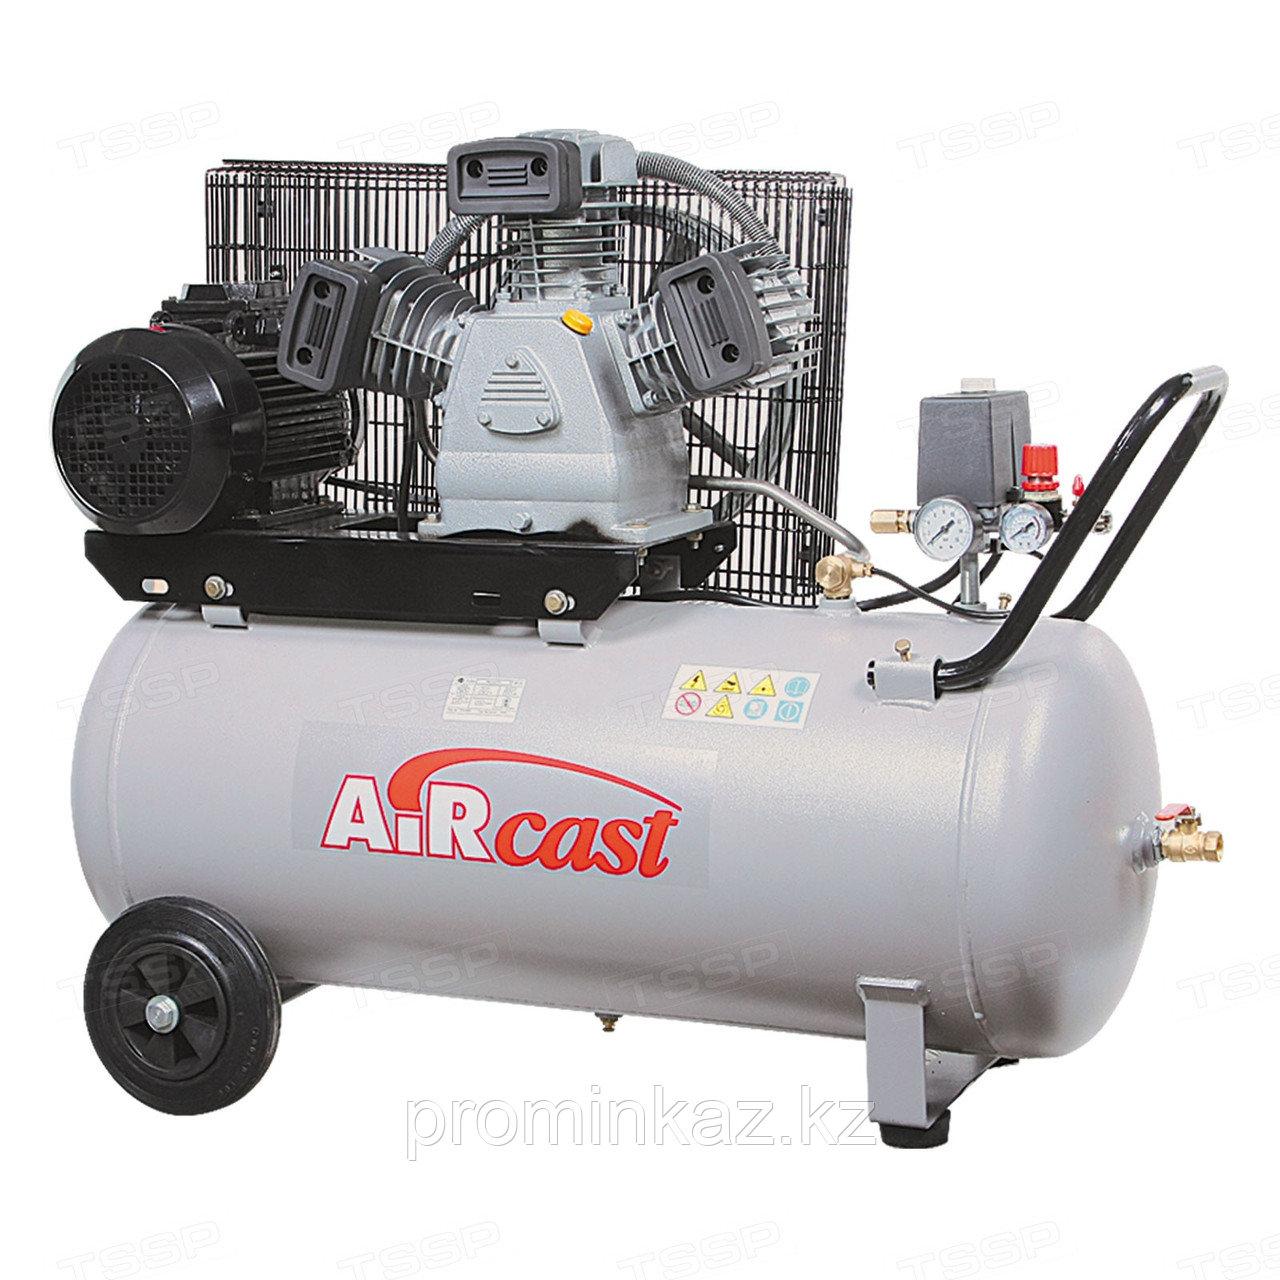 Установка компрессорная СБ4/С-200.LB40, 10 атм, 440л/мин, 200 л,  380В,  3,0 кВт,  1460х640х1150 мм, вес145кг